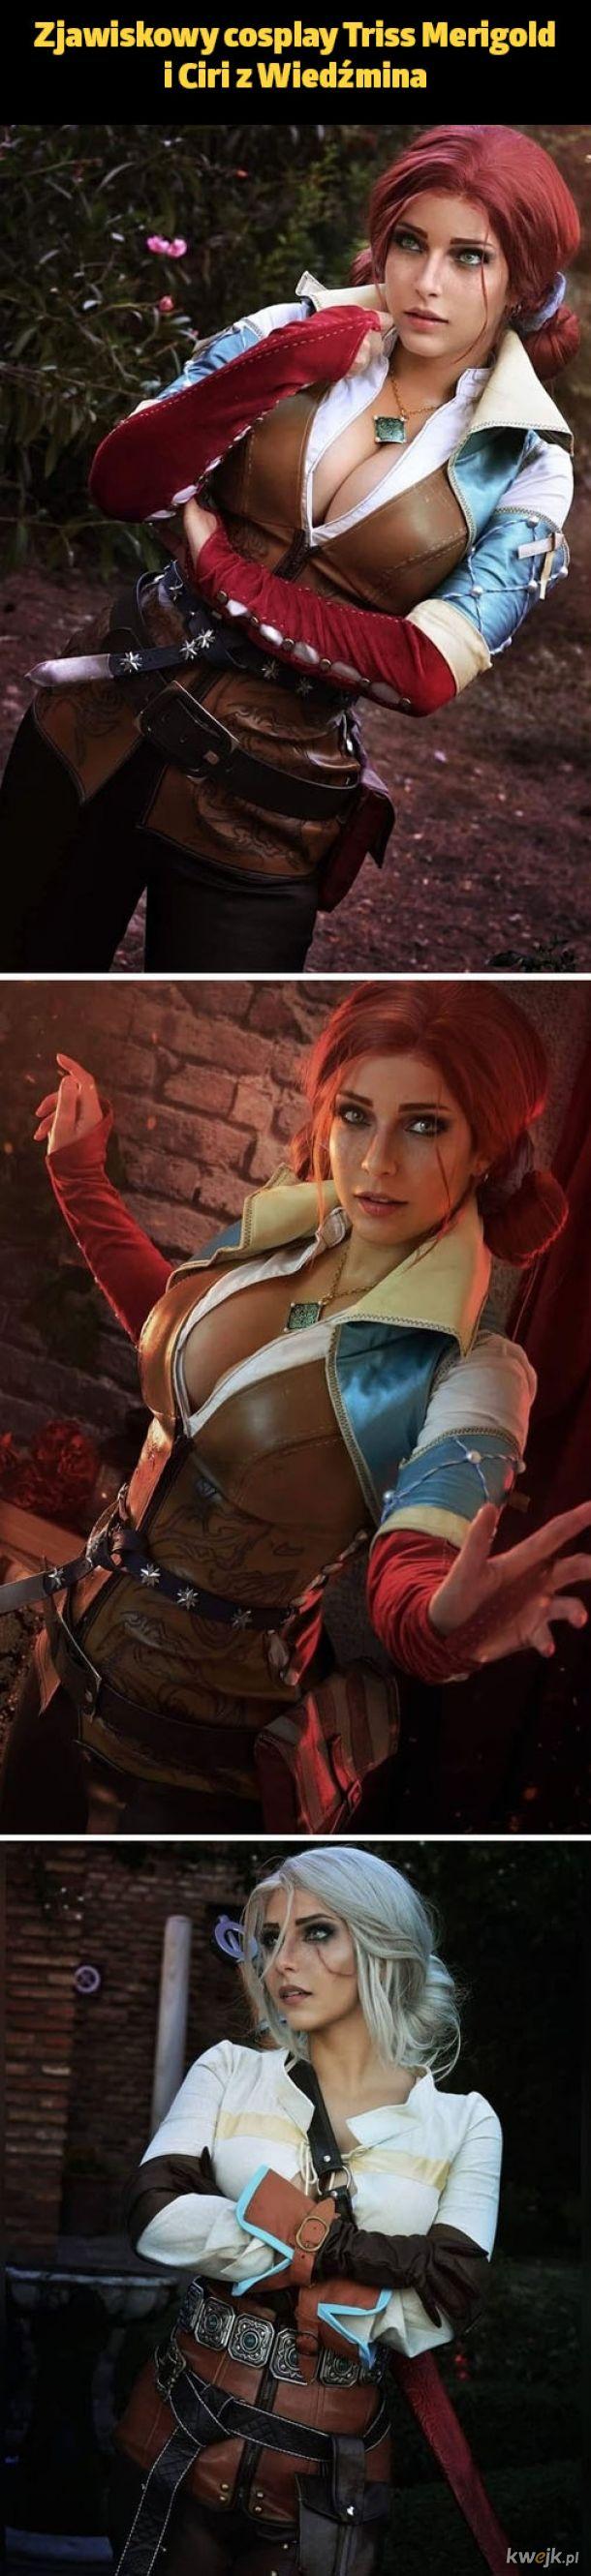 Zjawiskowy cosplay Triss Merigold i Ciri z Wiedźmina